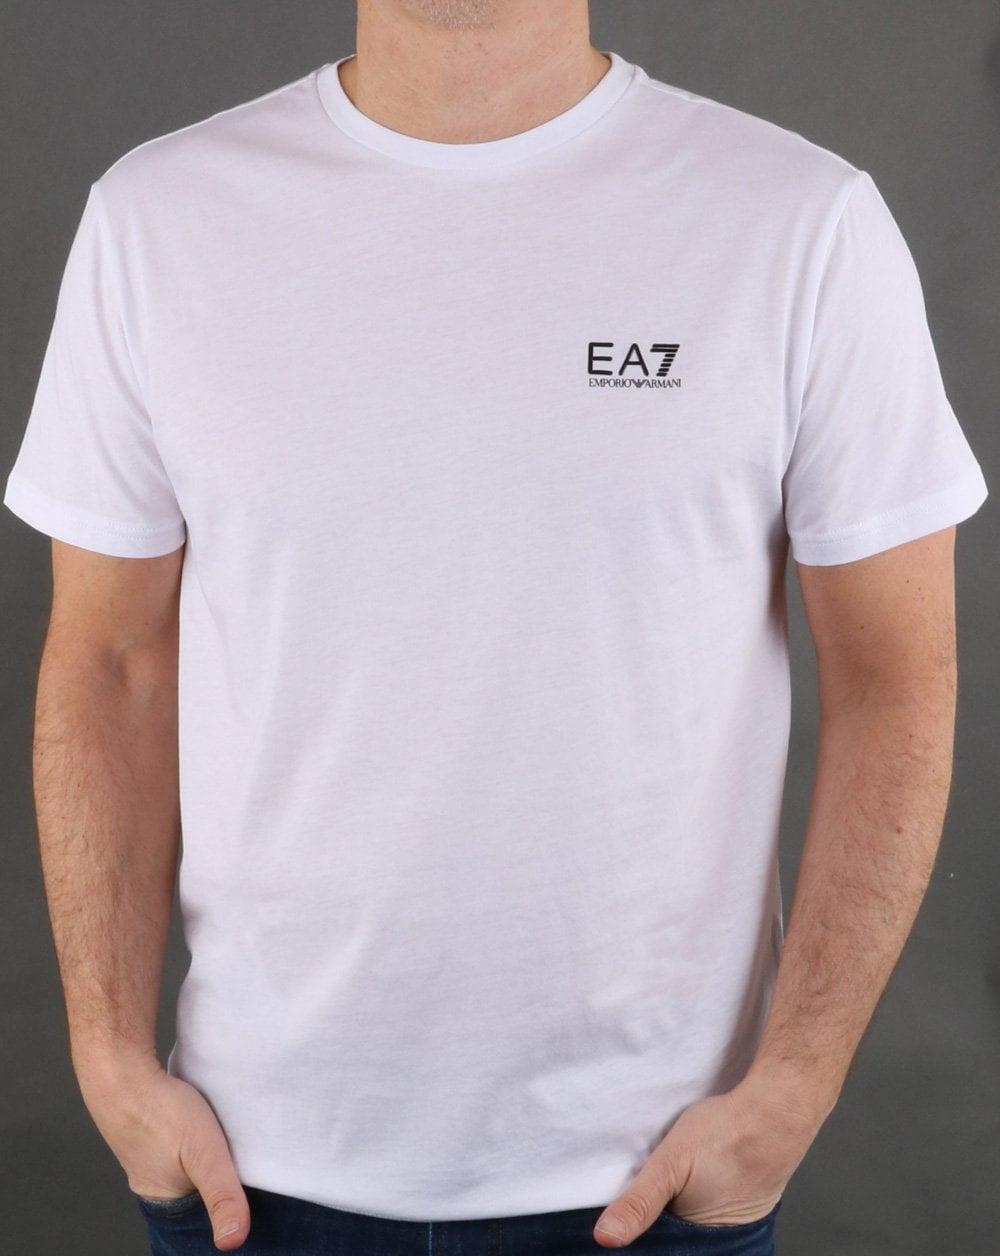 cf040ce72 Emporio Armani EA7 Core T  039 Shirt White